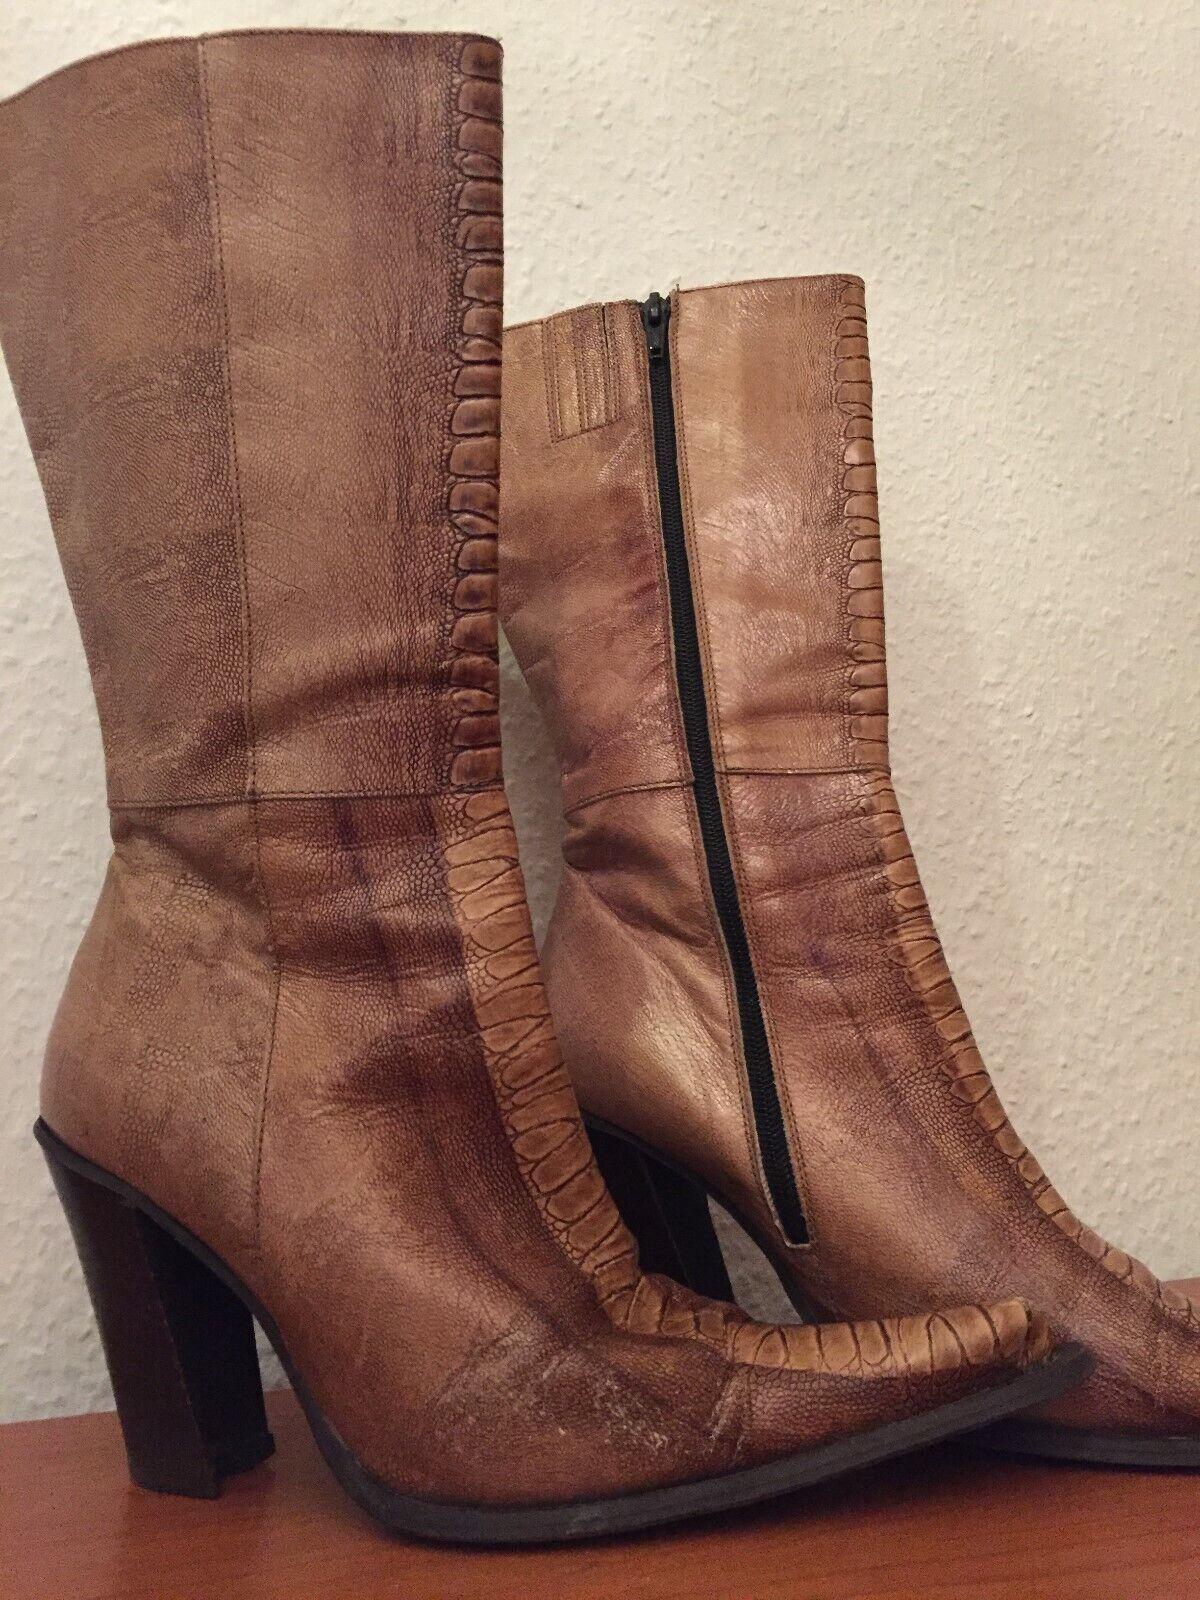 Stiefeletten, Blockabsatz, Leder, Größe 38, Gebraucht